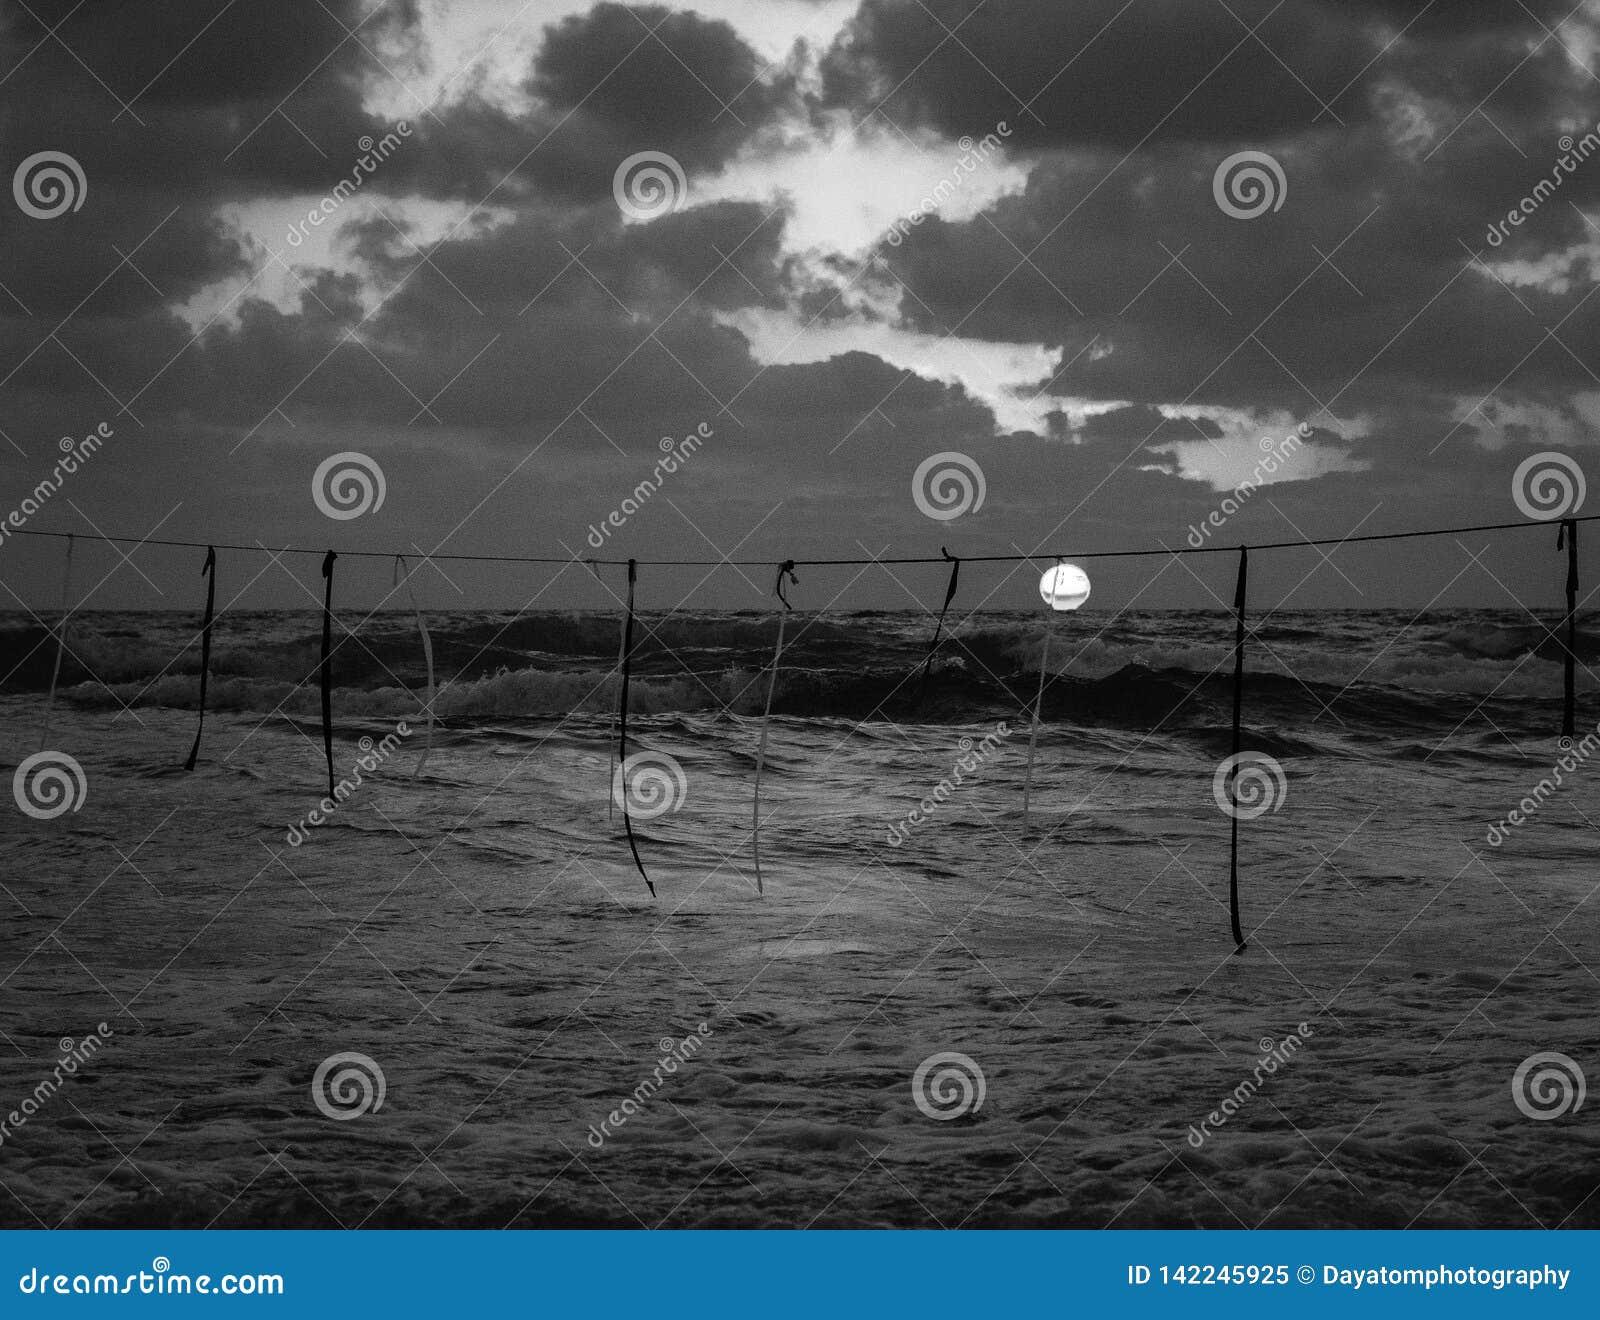 Opinião do por do sol do verão de uma praia sob um céu nebuloso em preto e branco, corda com as bandeiras que penduram no ar